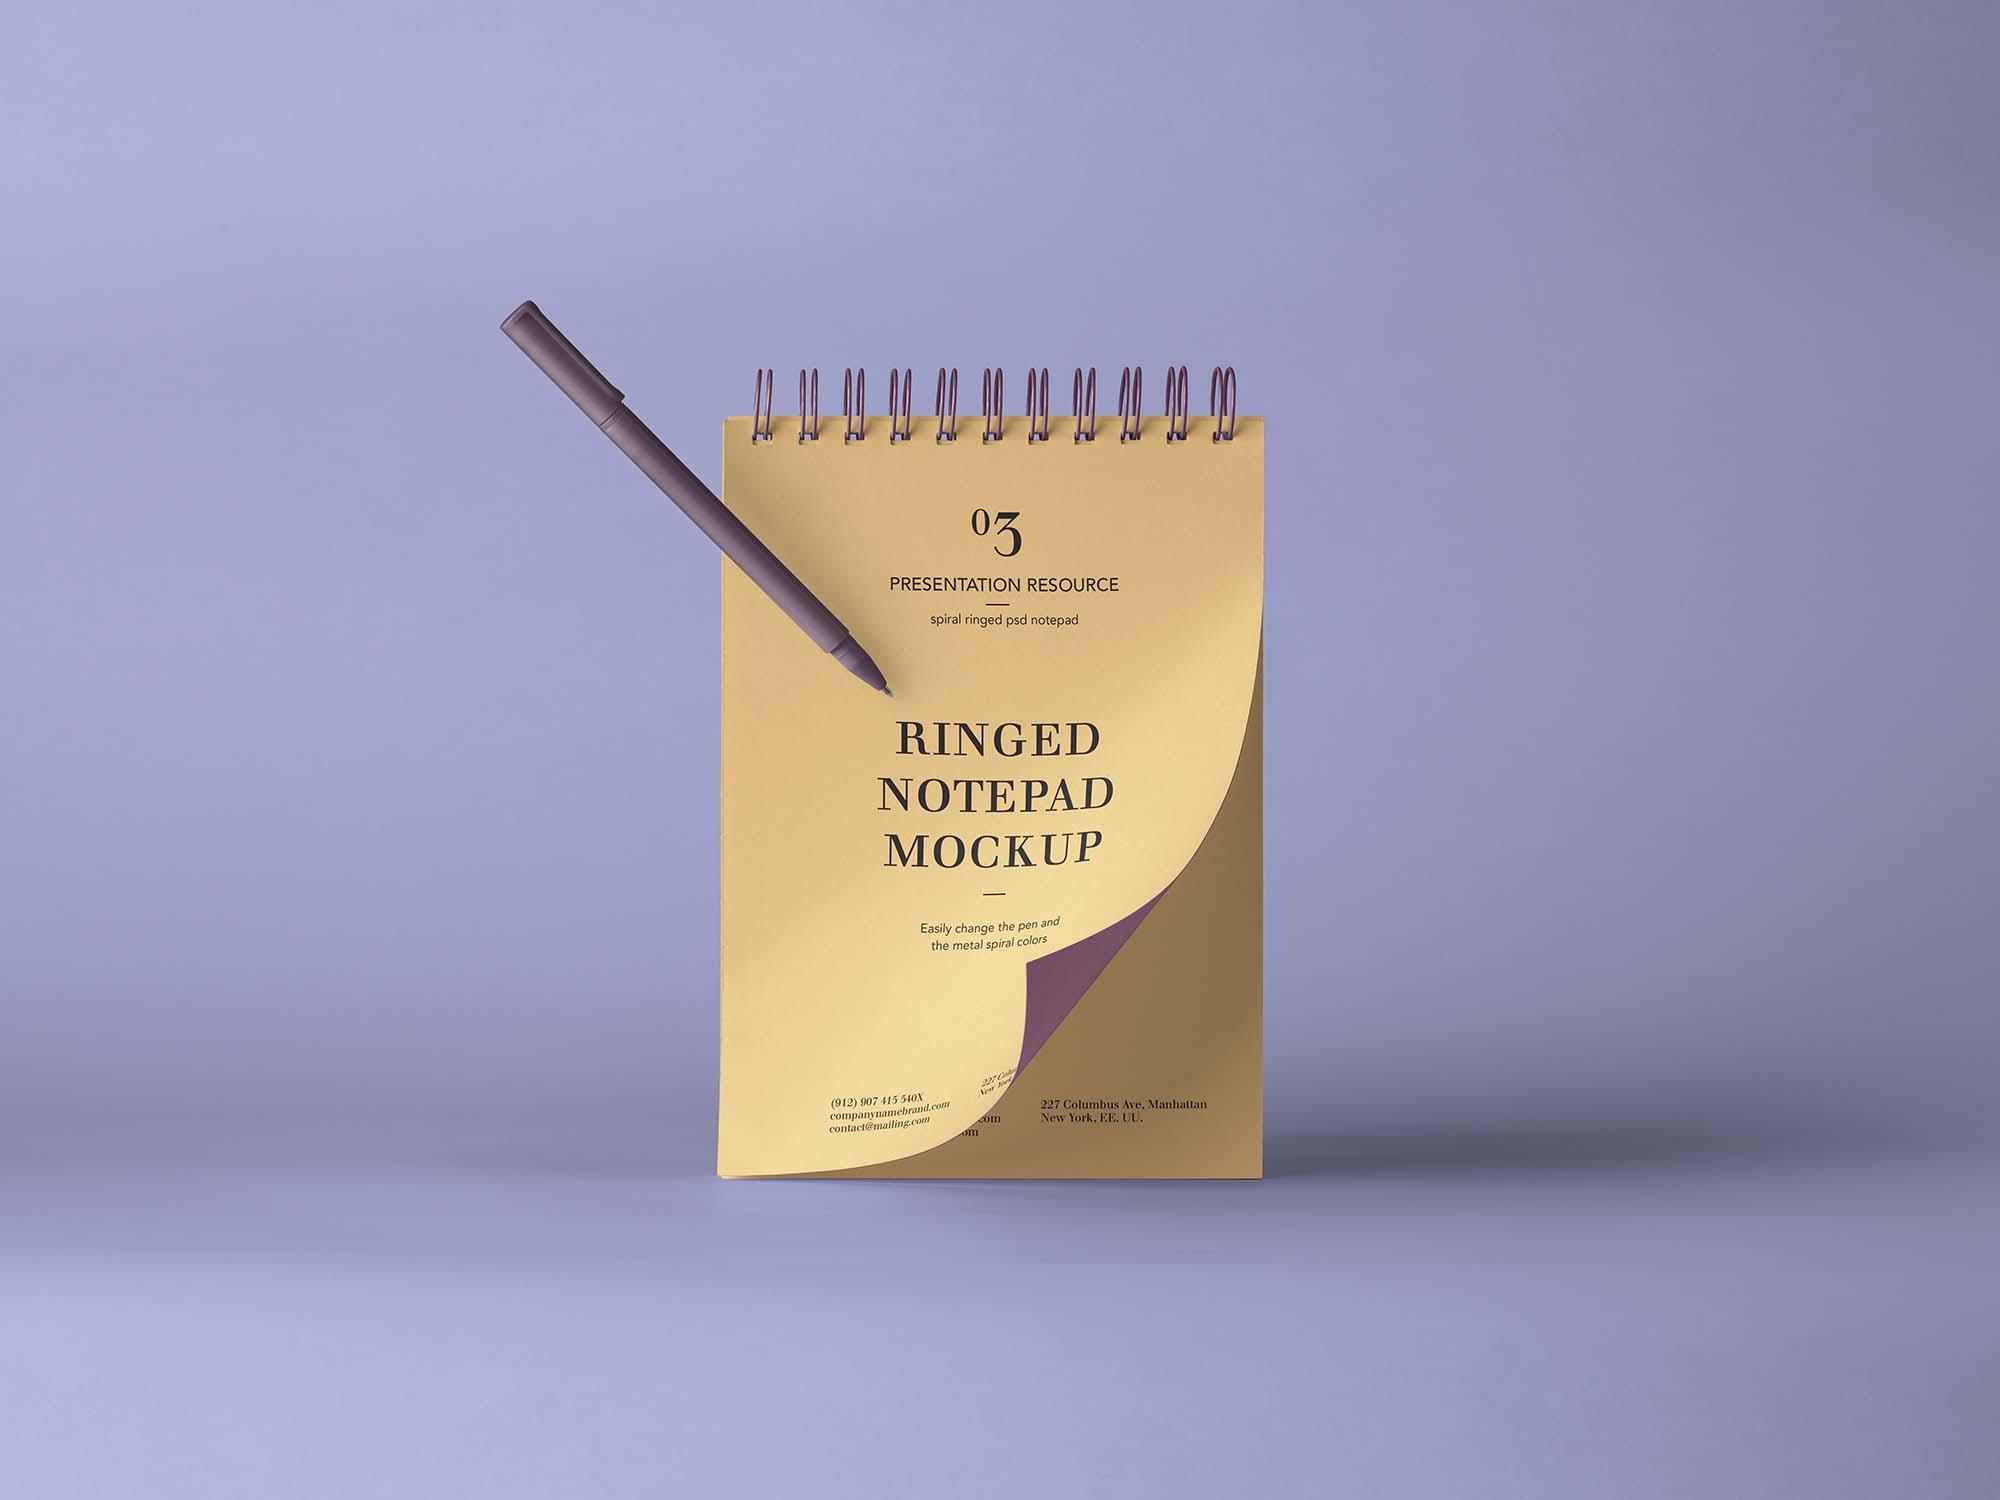 Ringed Notepad Mockup